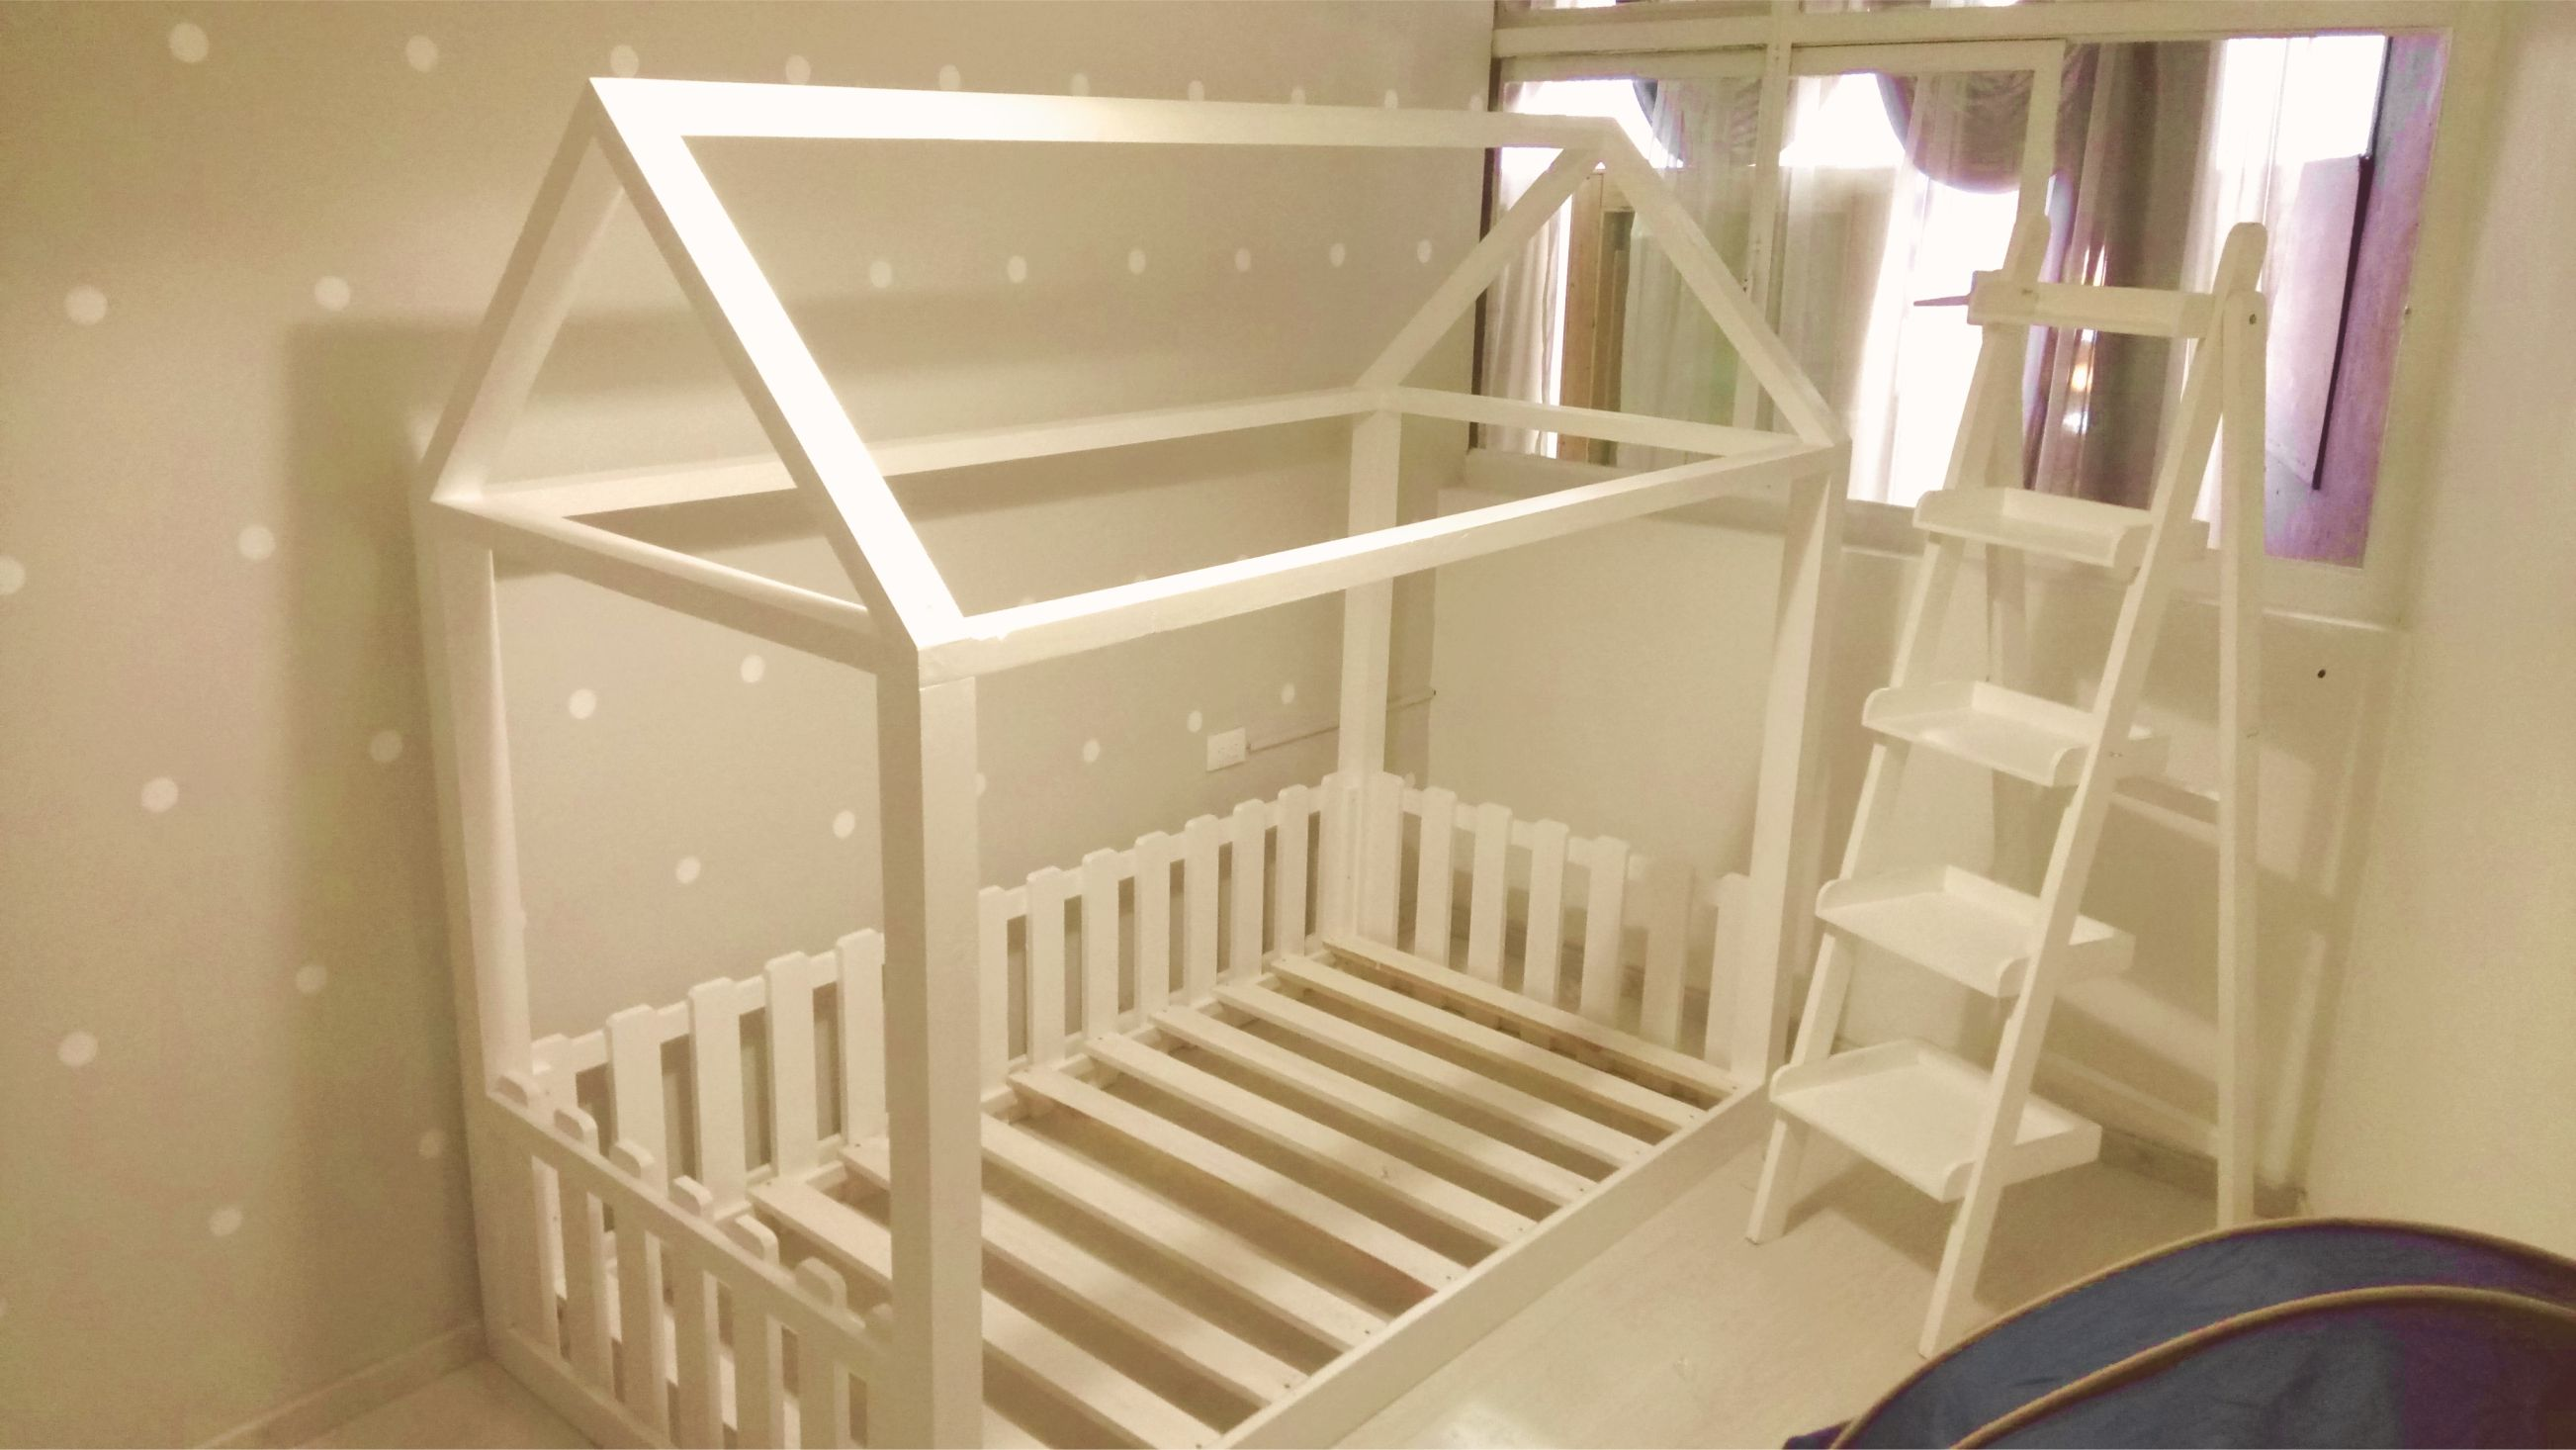 Nuevo diseño pensado en los peques. Al estilo vintage. Síguenos en facebook: https://www.facebook.com/mueblesvintagenial #vintage #bebe #retro #muebles #kids #cuna #infantil